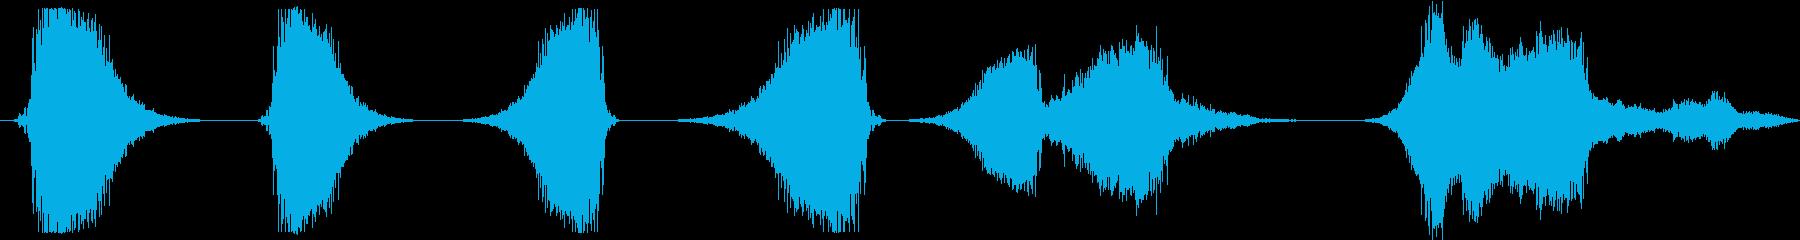 GRITTYアグレッシブスペースウ...の再生済みの波形